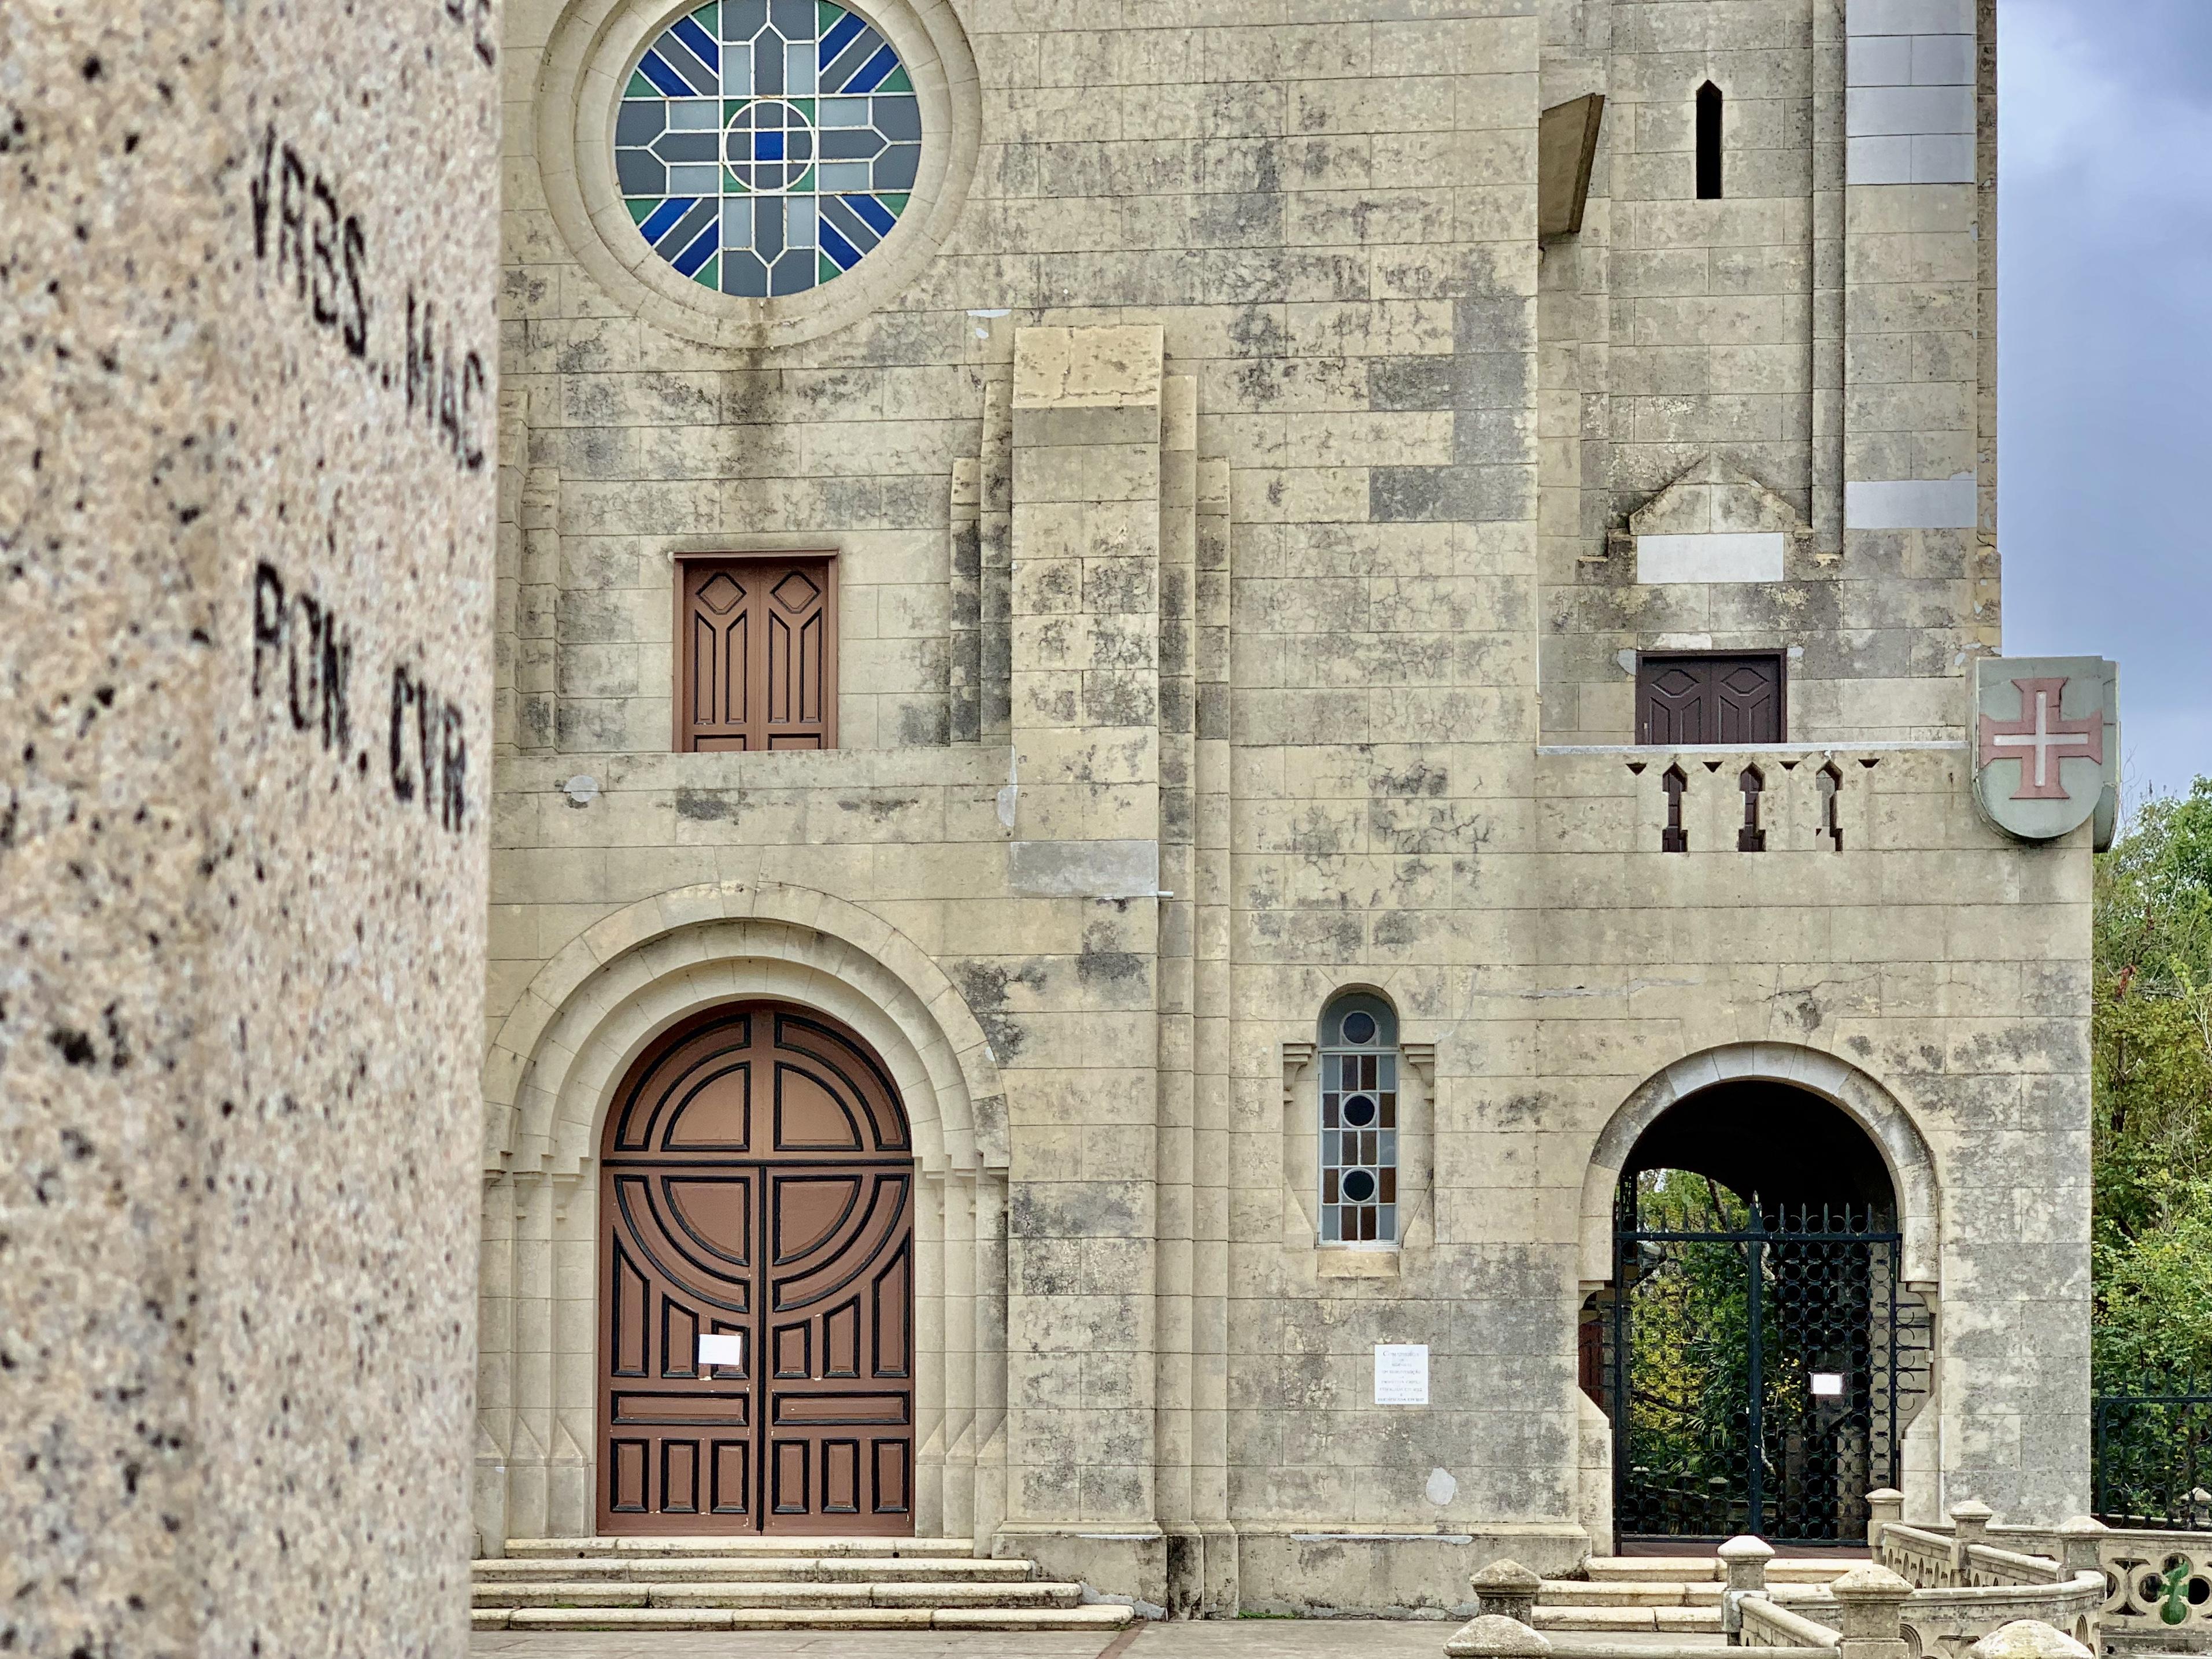 Penha Hill Church Exterior Shot Walls Detail Macau Lifestyle